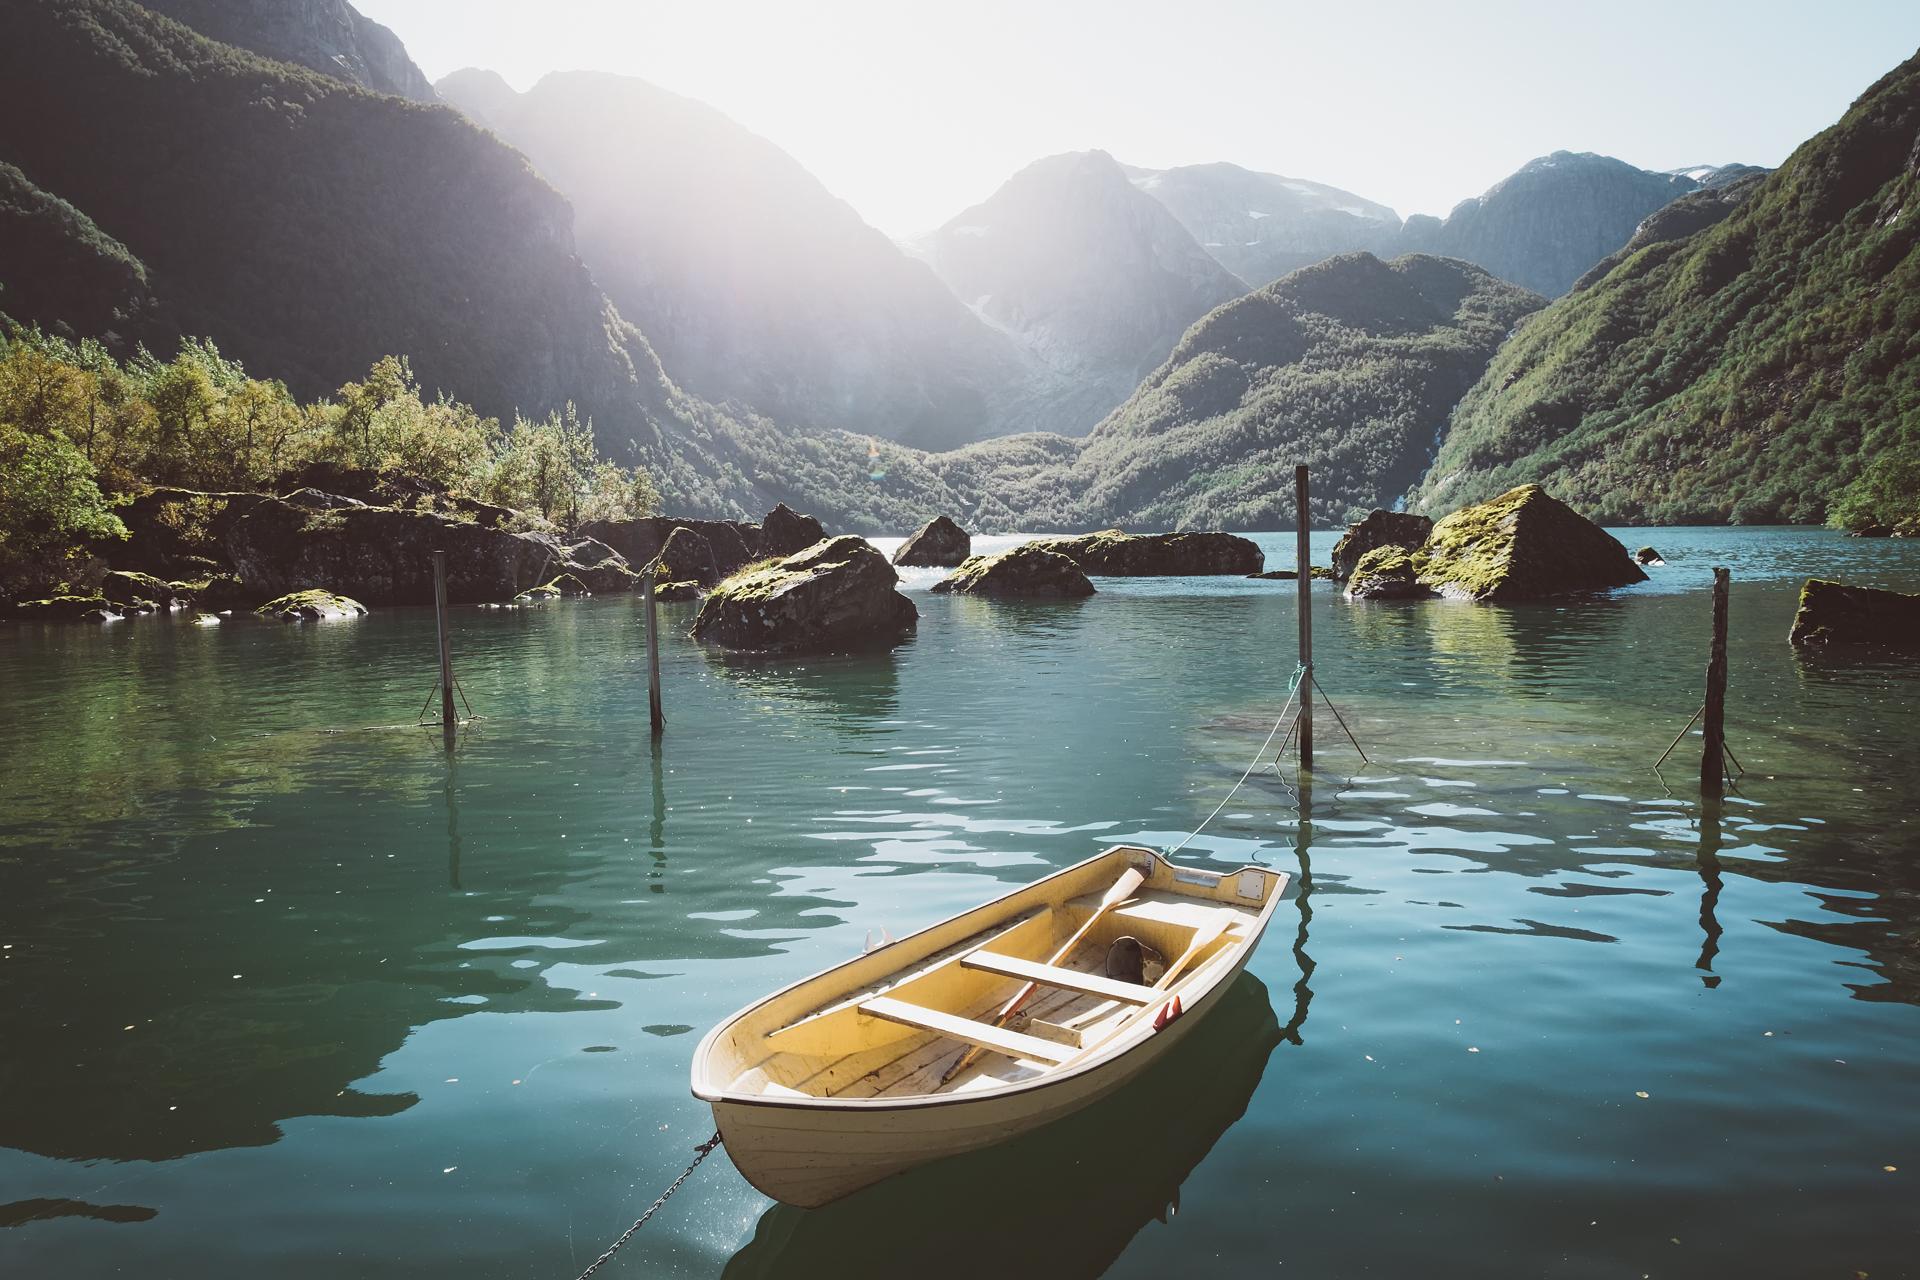 挪威-哈当厄尔峡湾-1920-15